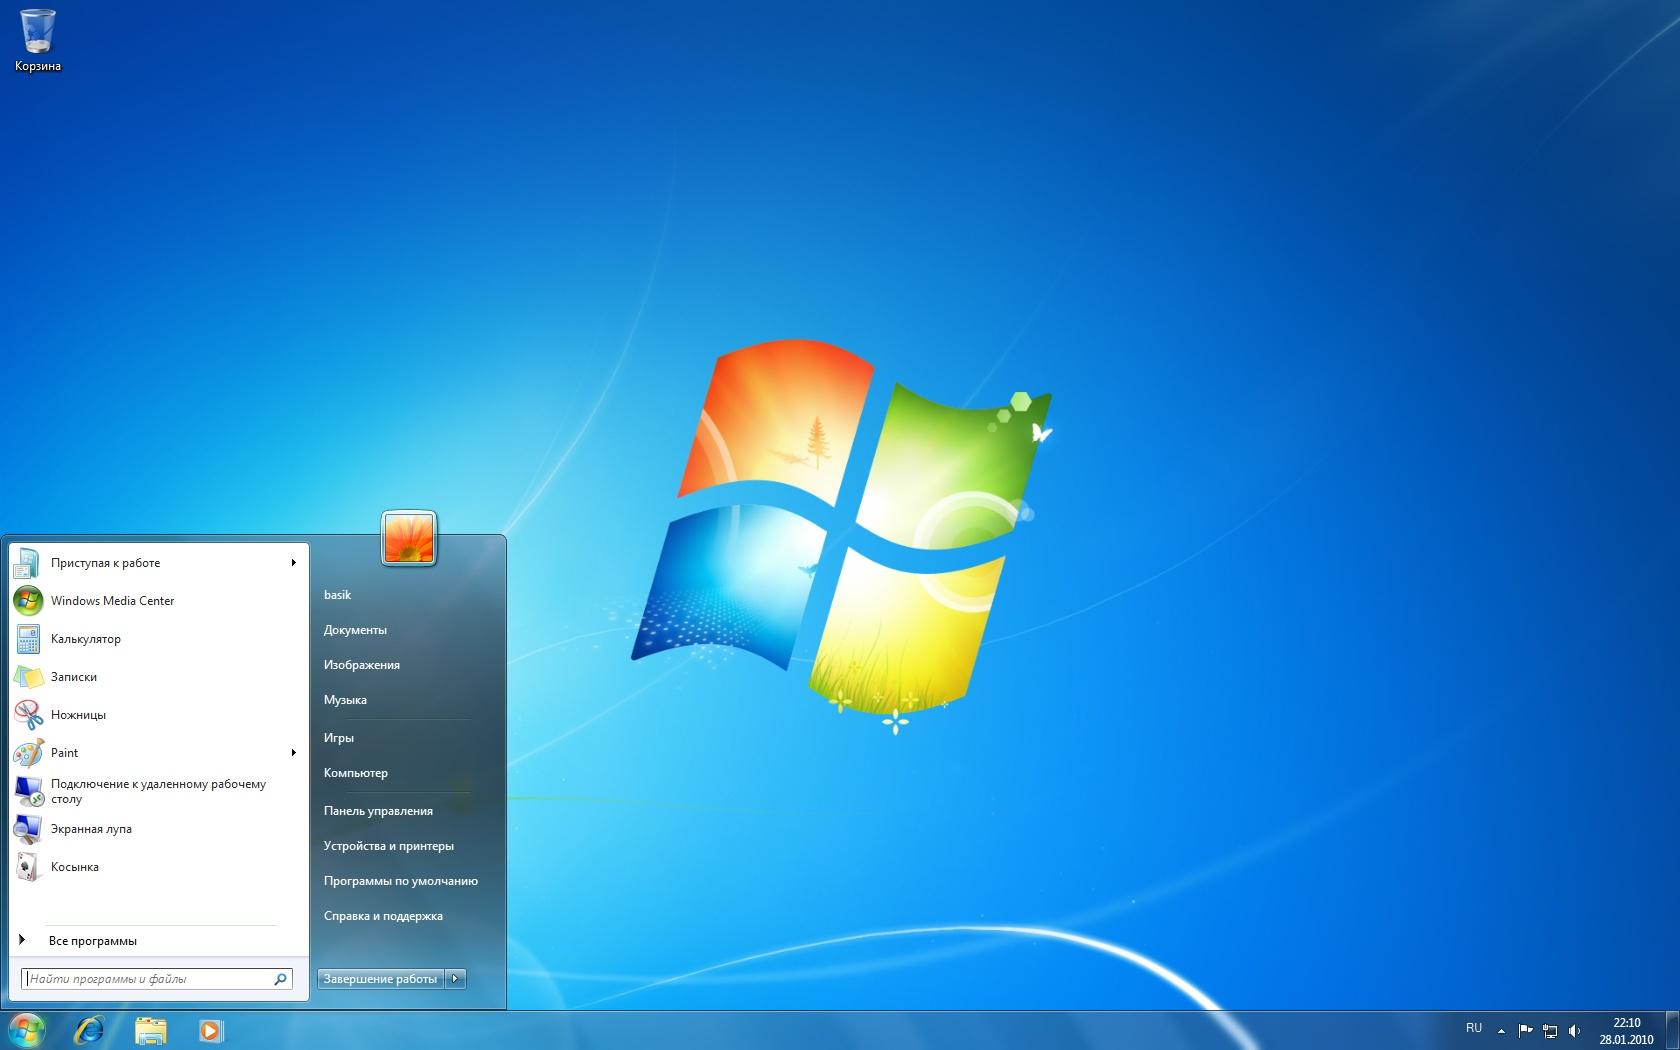 Рыночная доля Windows7 продолжает падать